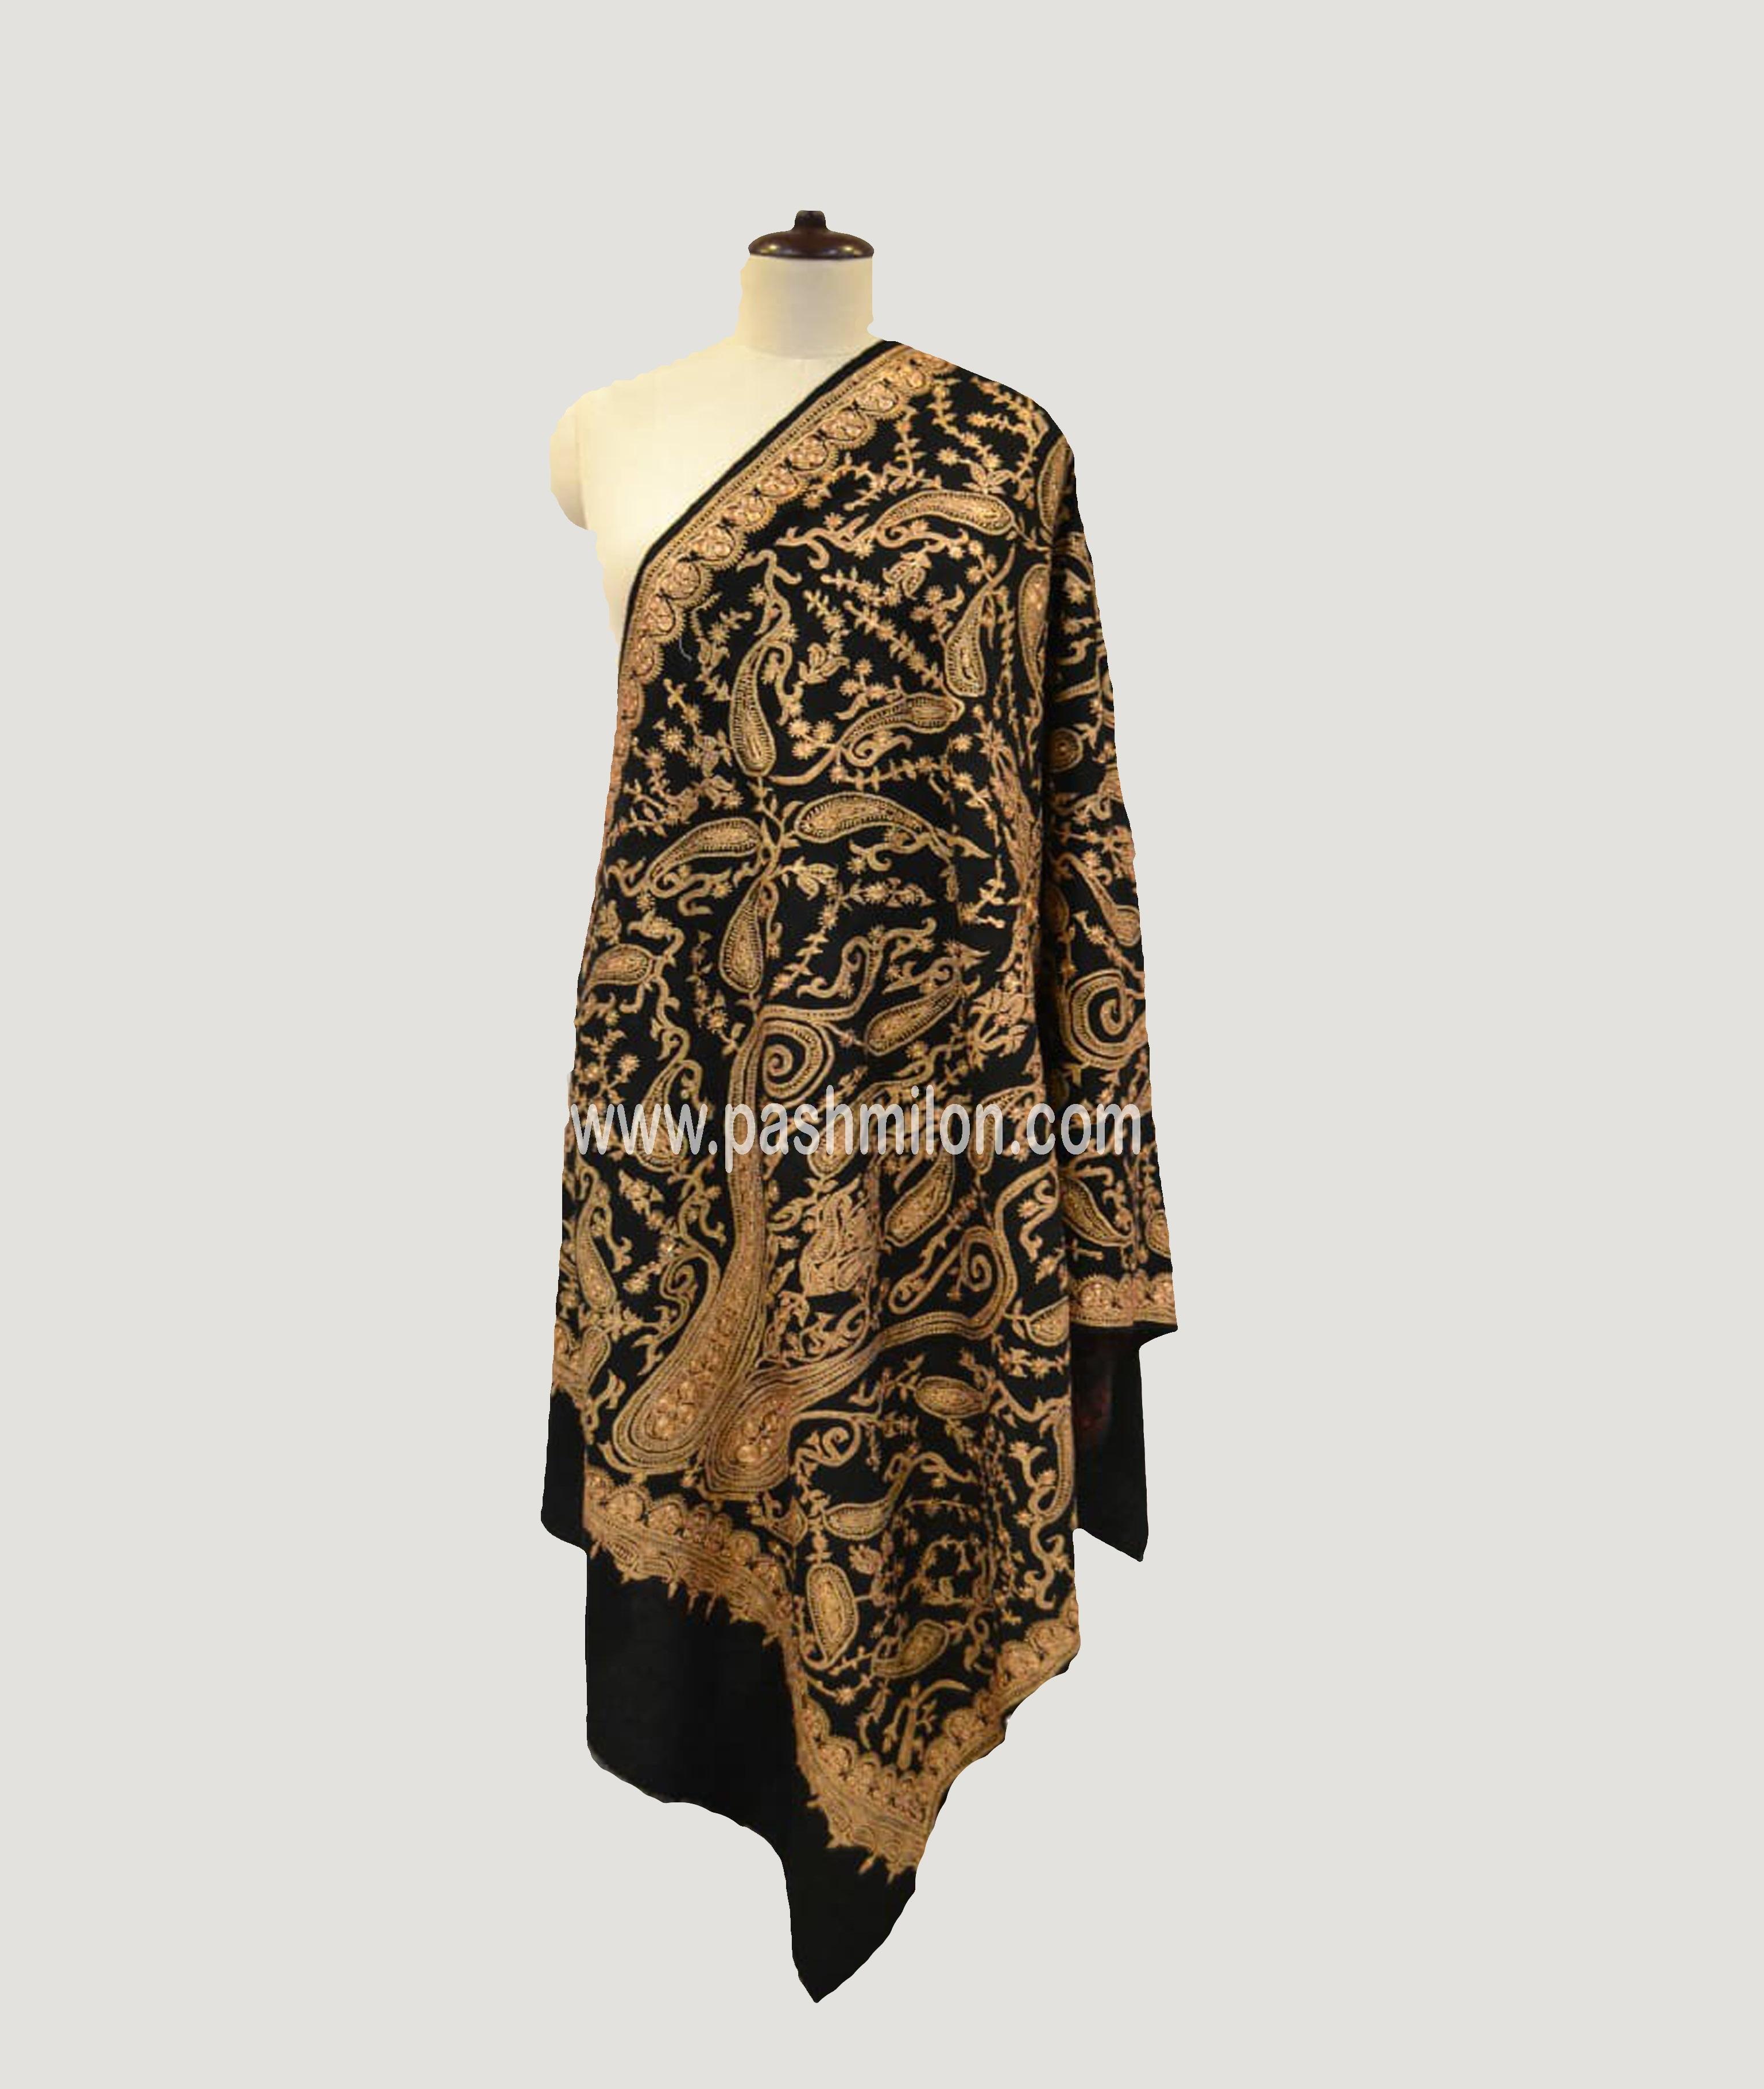 Ladies shawl